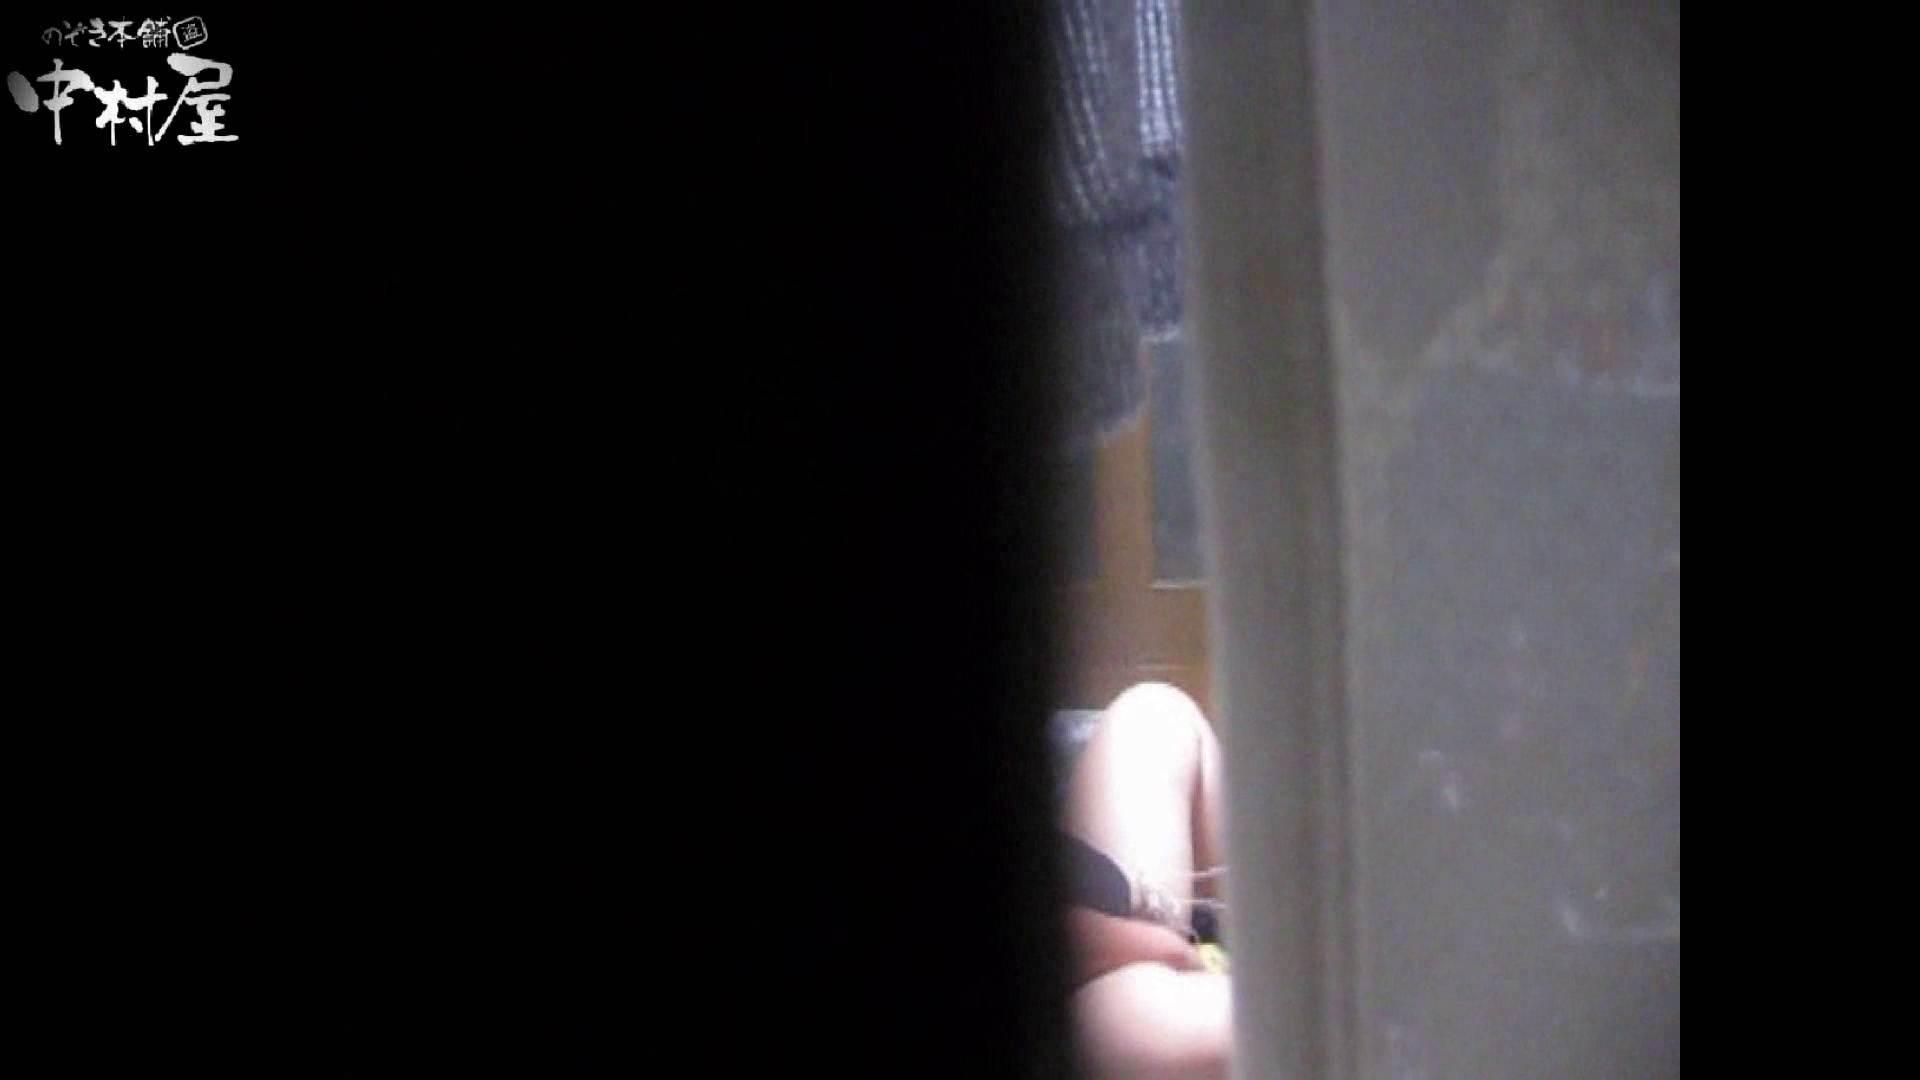 民家風呂専門盗撮師の超危険映像 vol.021 OLセックス 盗撮われめAV動画紹介 65画像 38